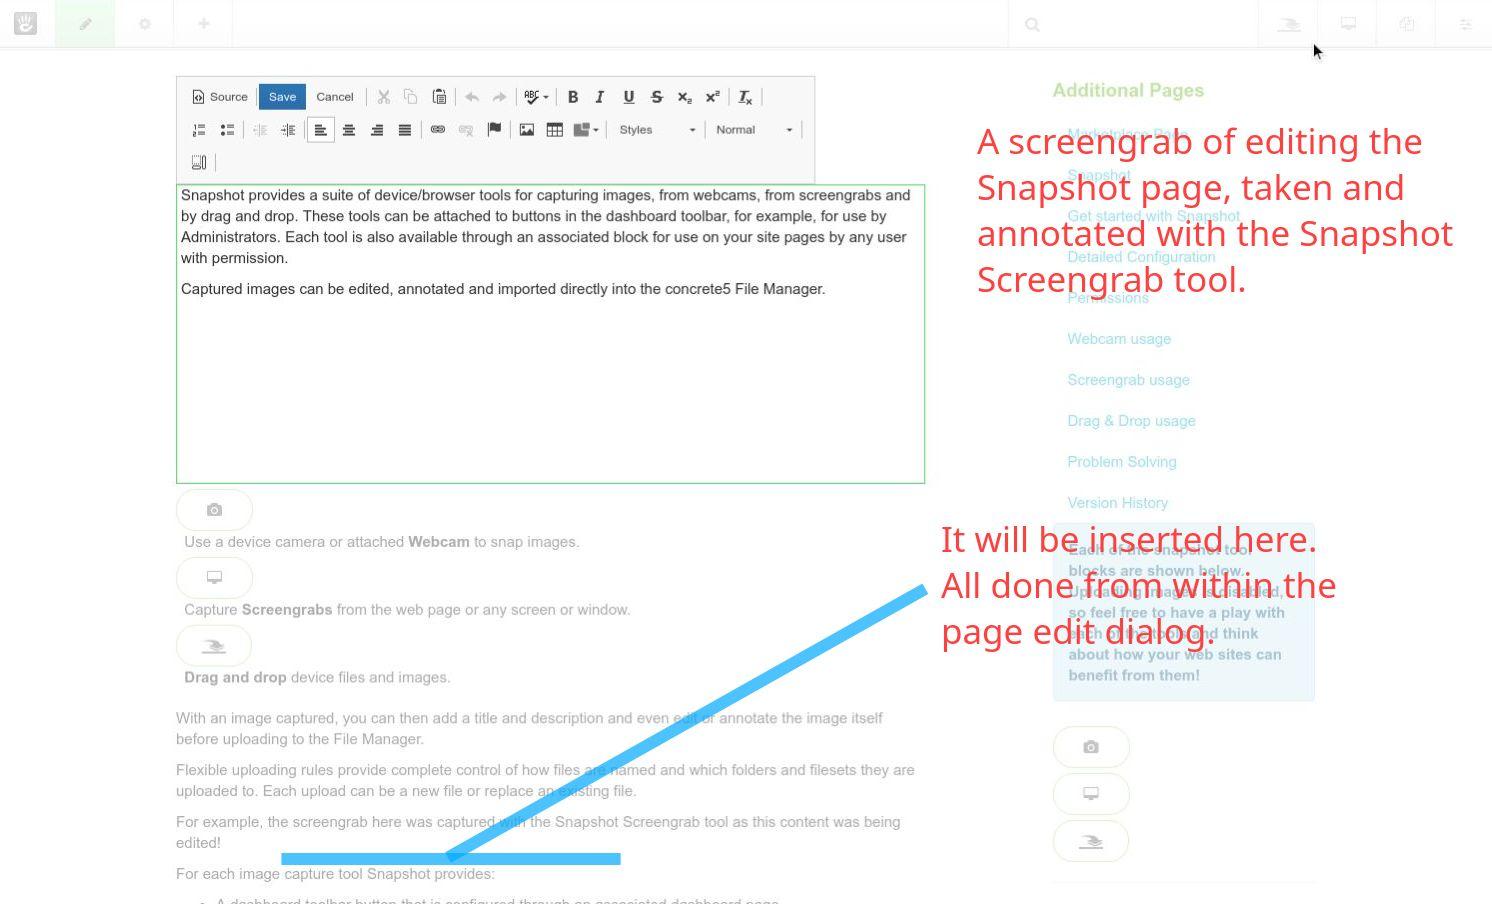 A screengrab of editing the Snapshot page, taken and annotated with the Snapshot Screengrab tool.